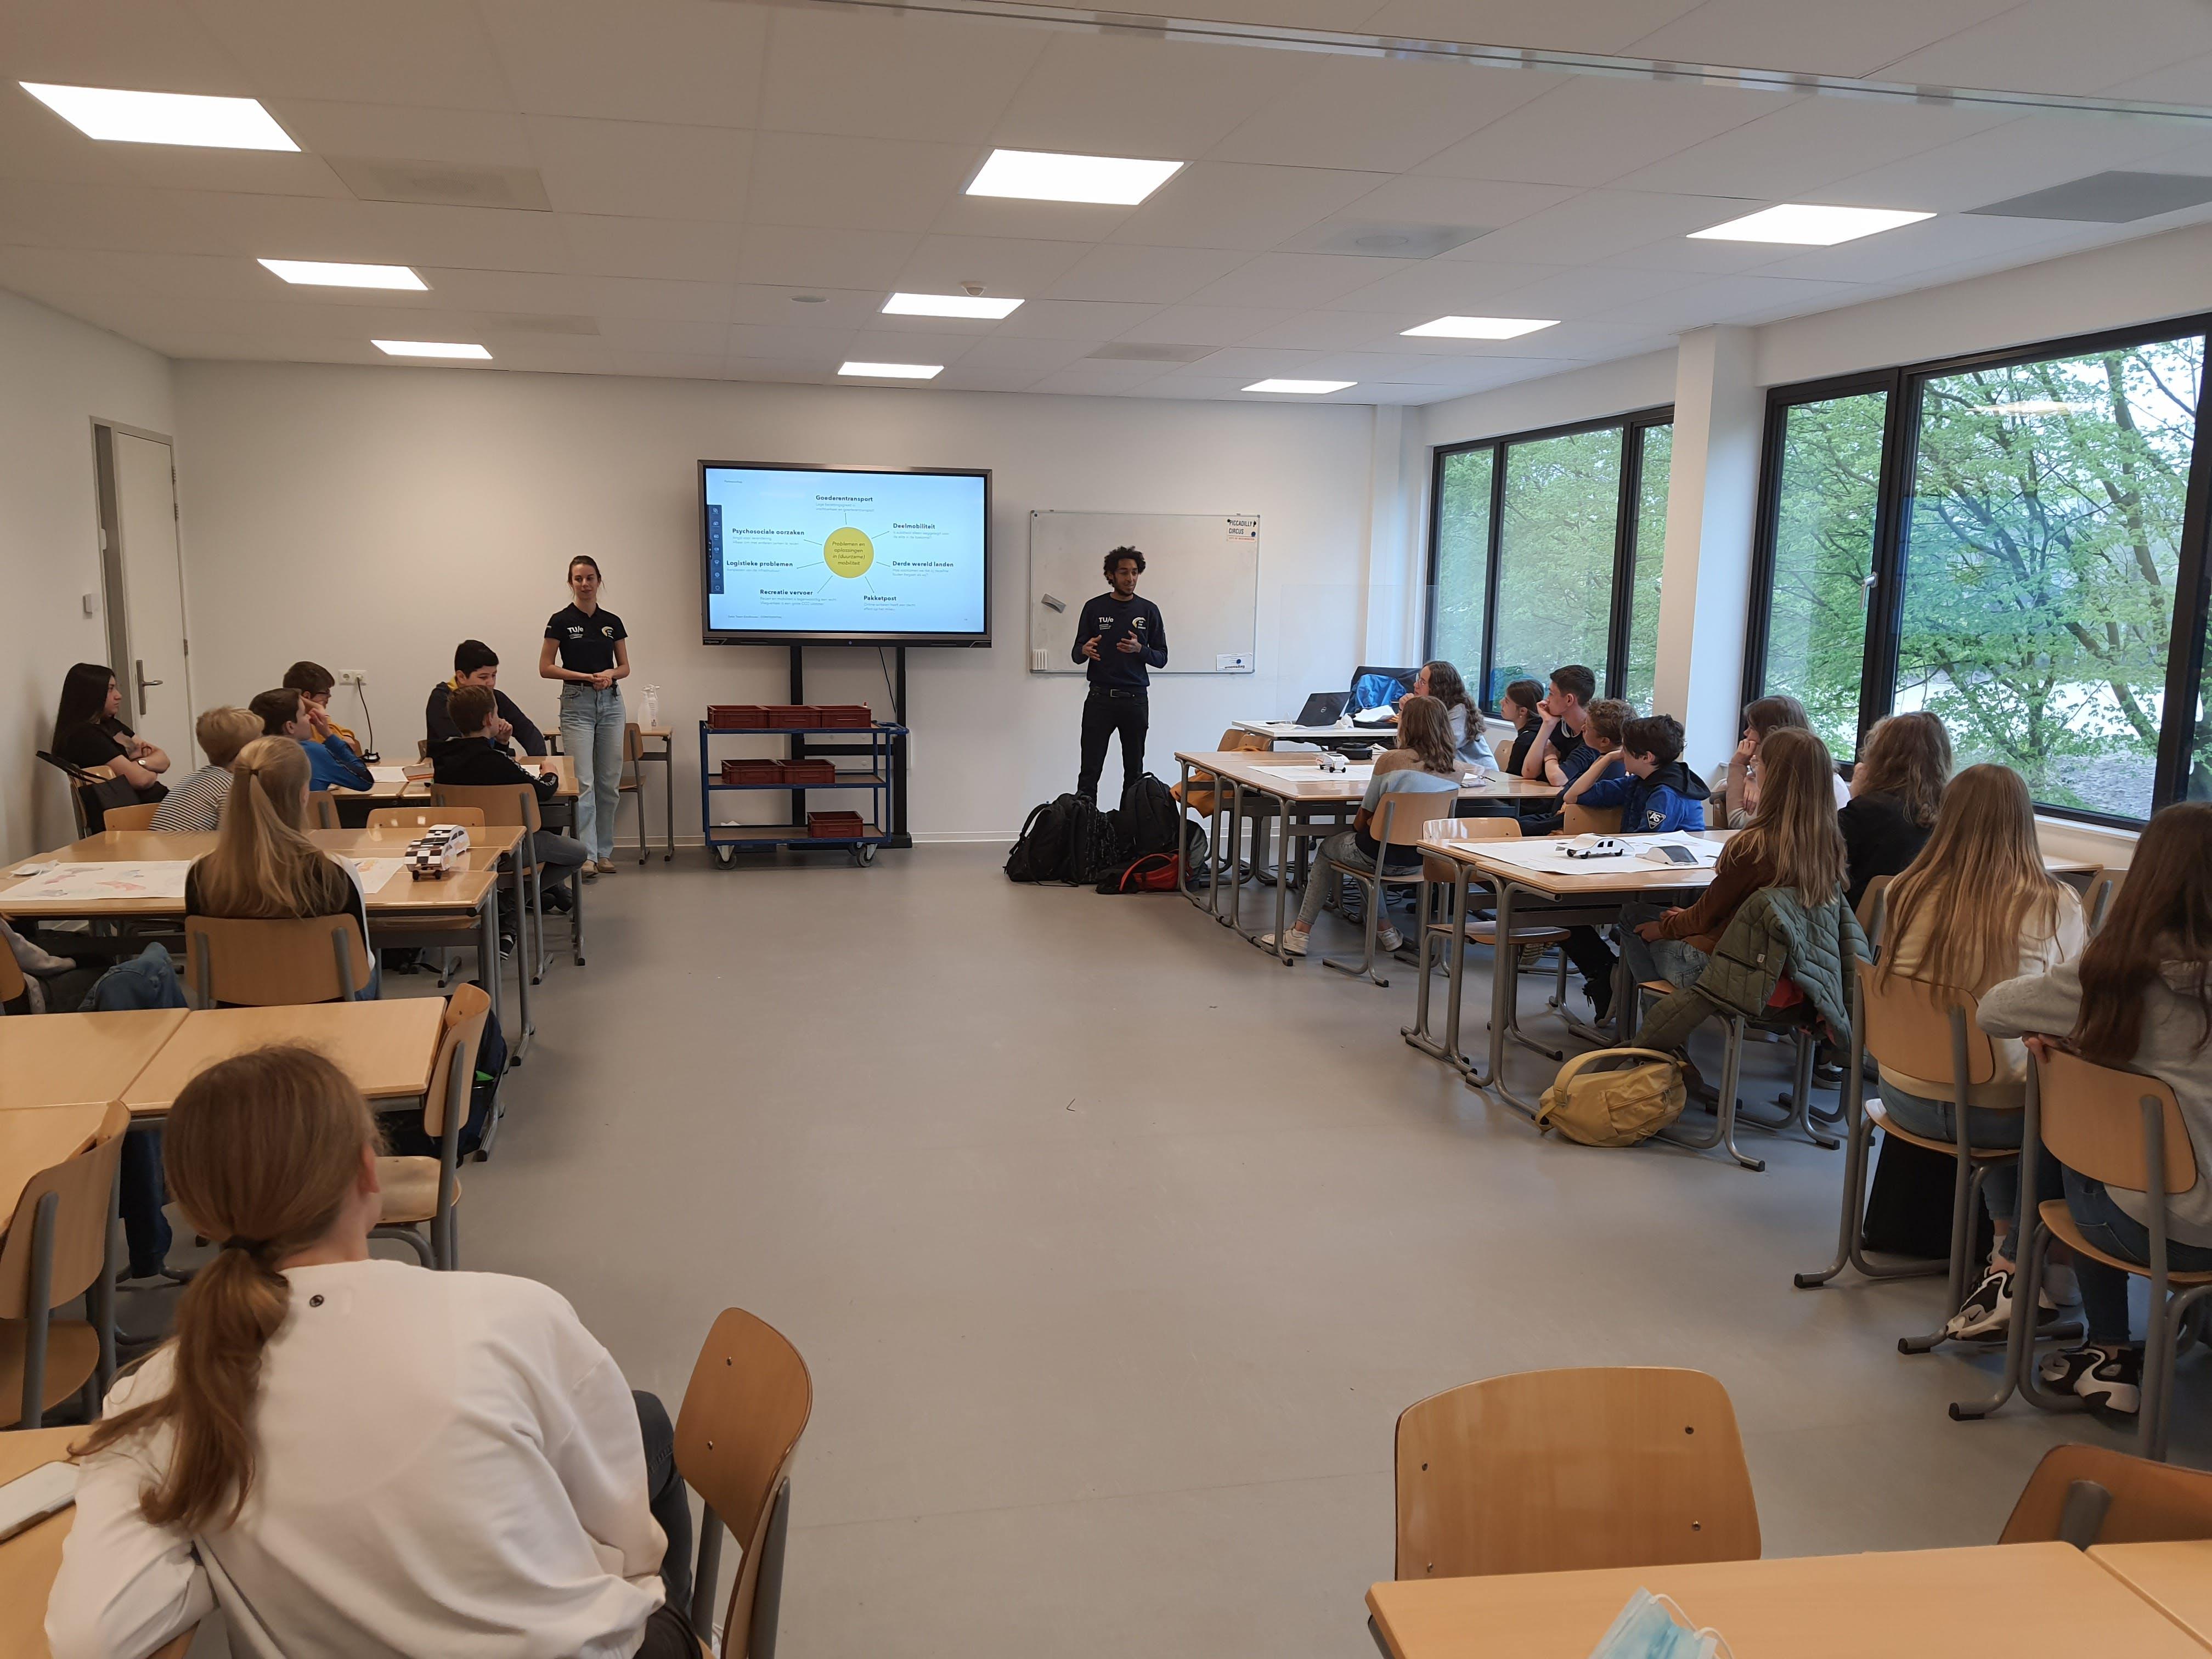 Solar Team visits Strabrecht College in Geldrop